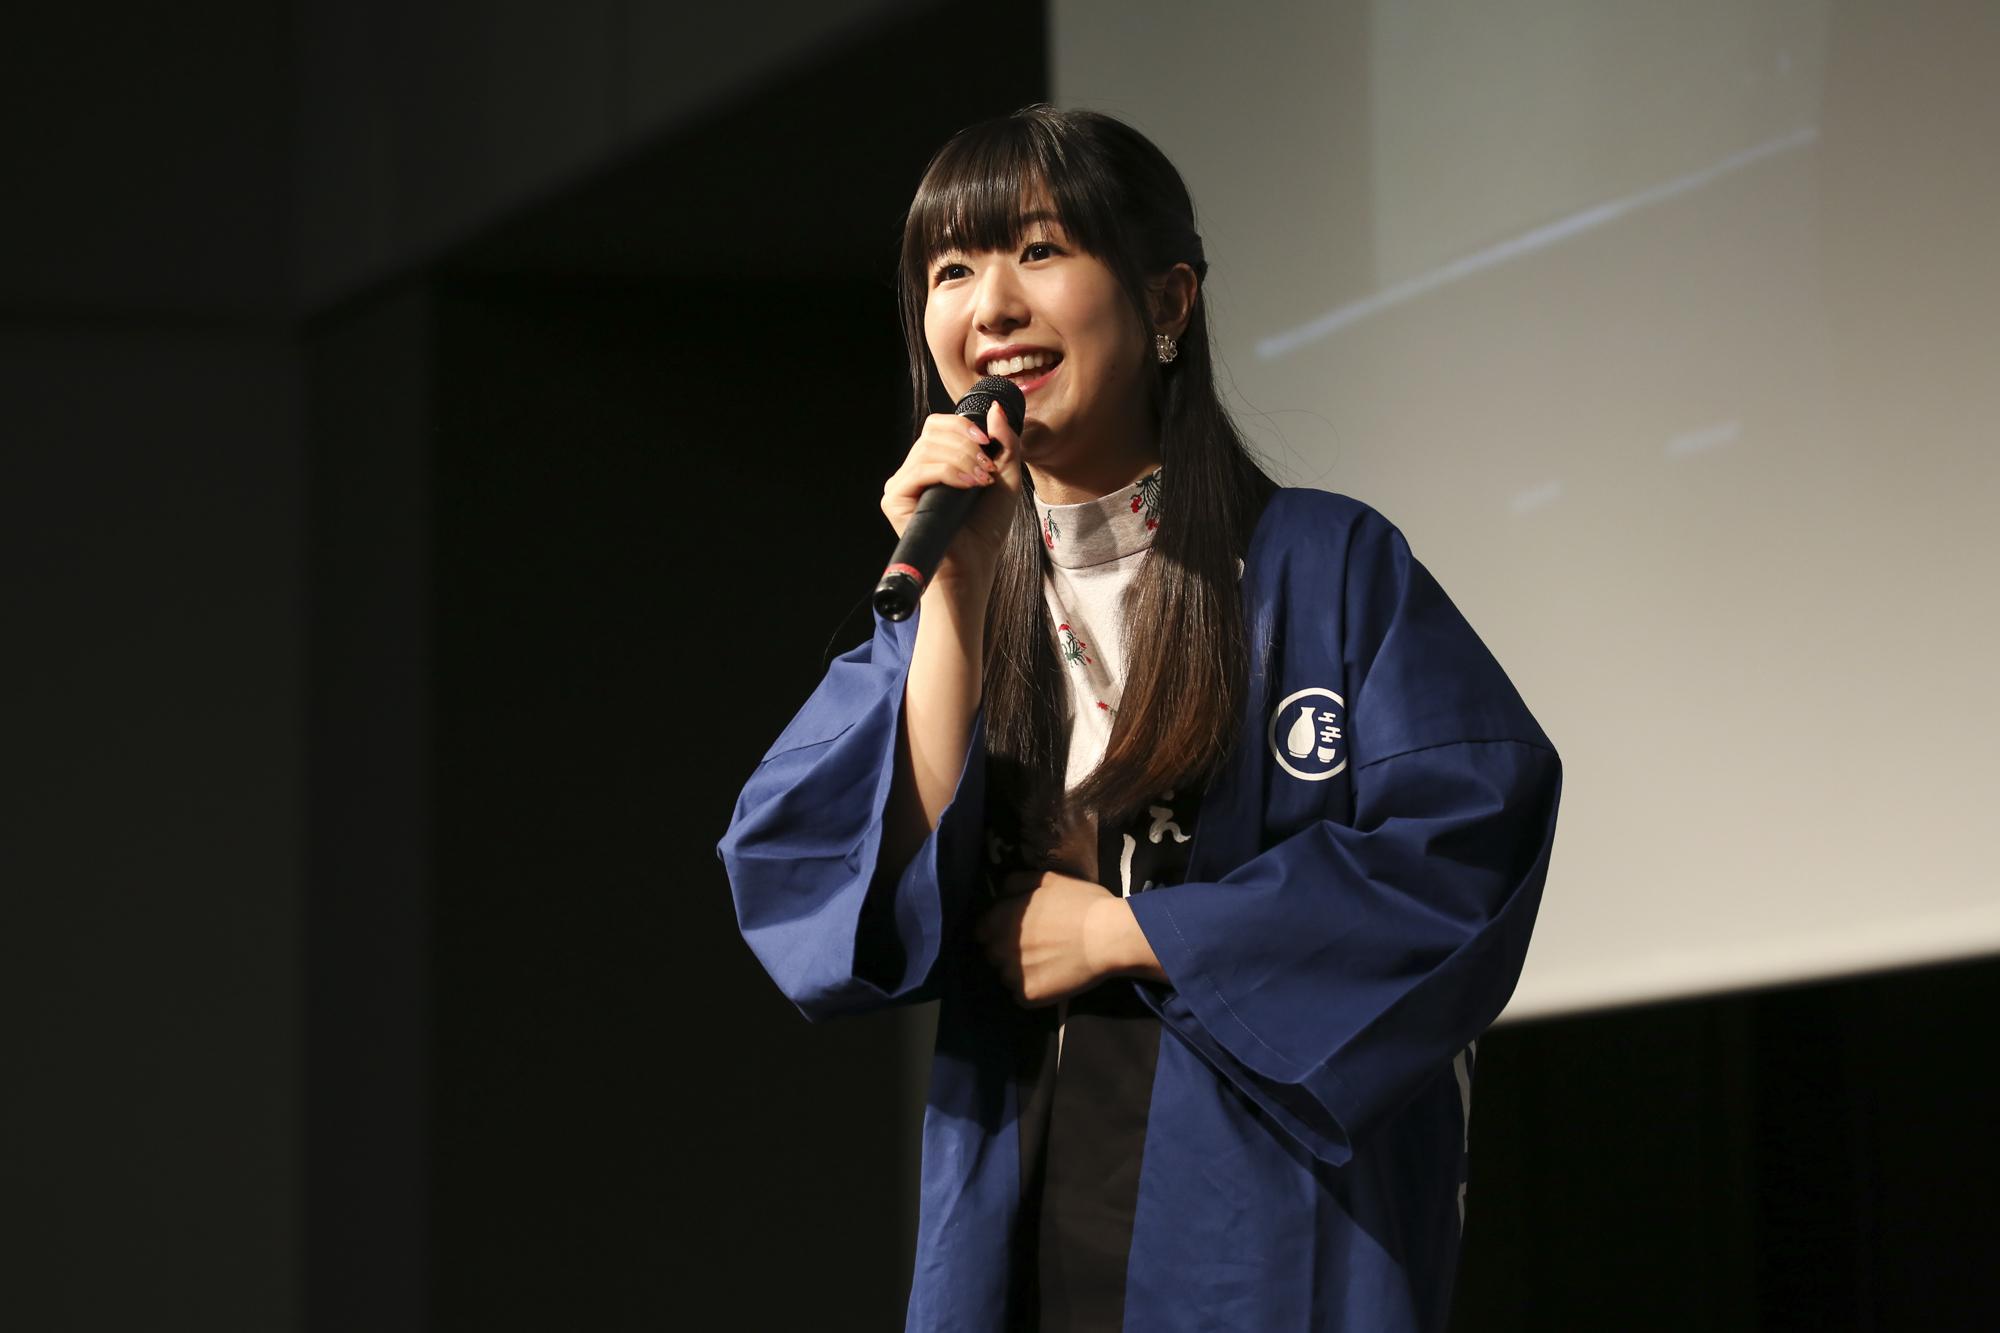 茅野愛衣さん出演『かやのみ』のイベント「かやふぇしゅ」レポート